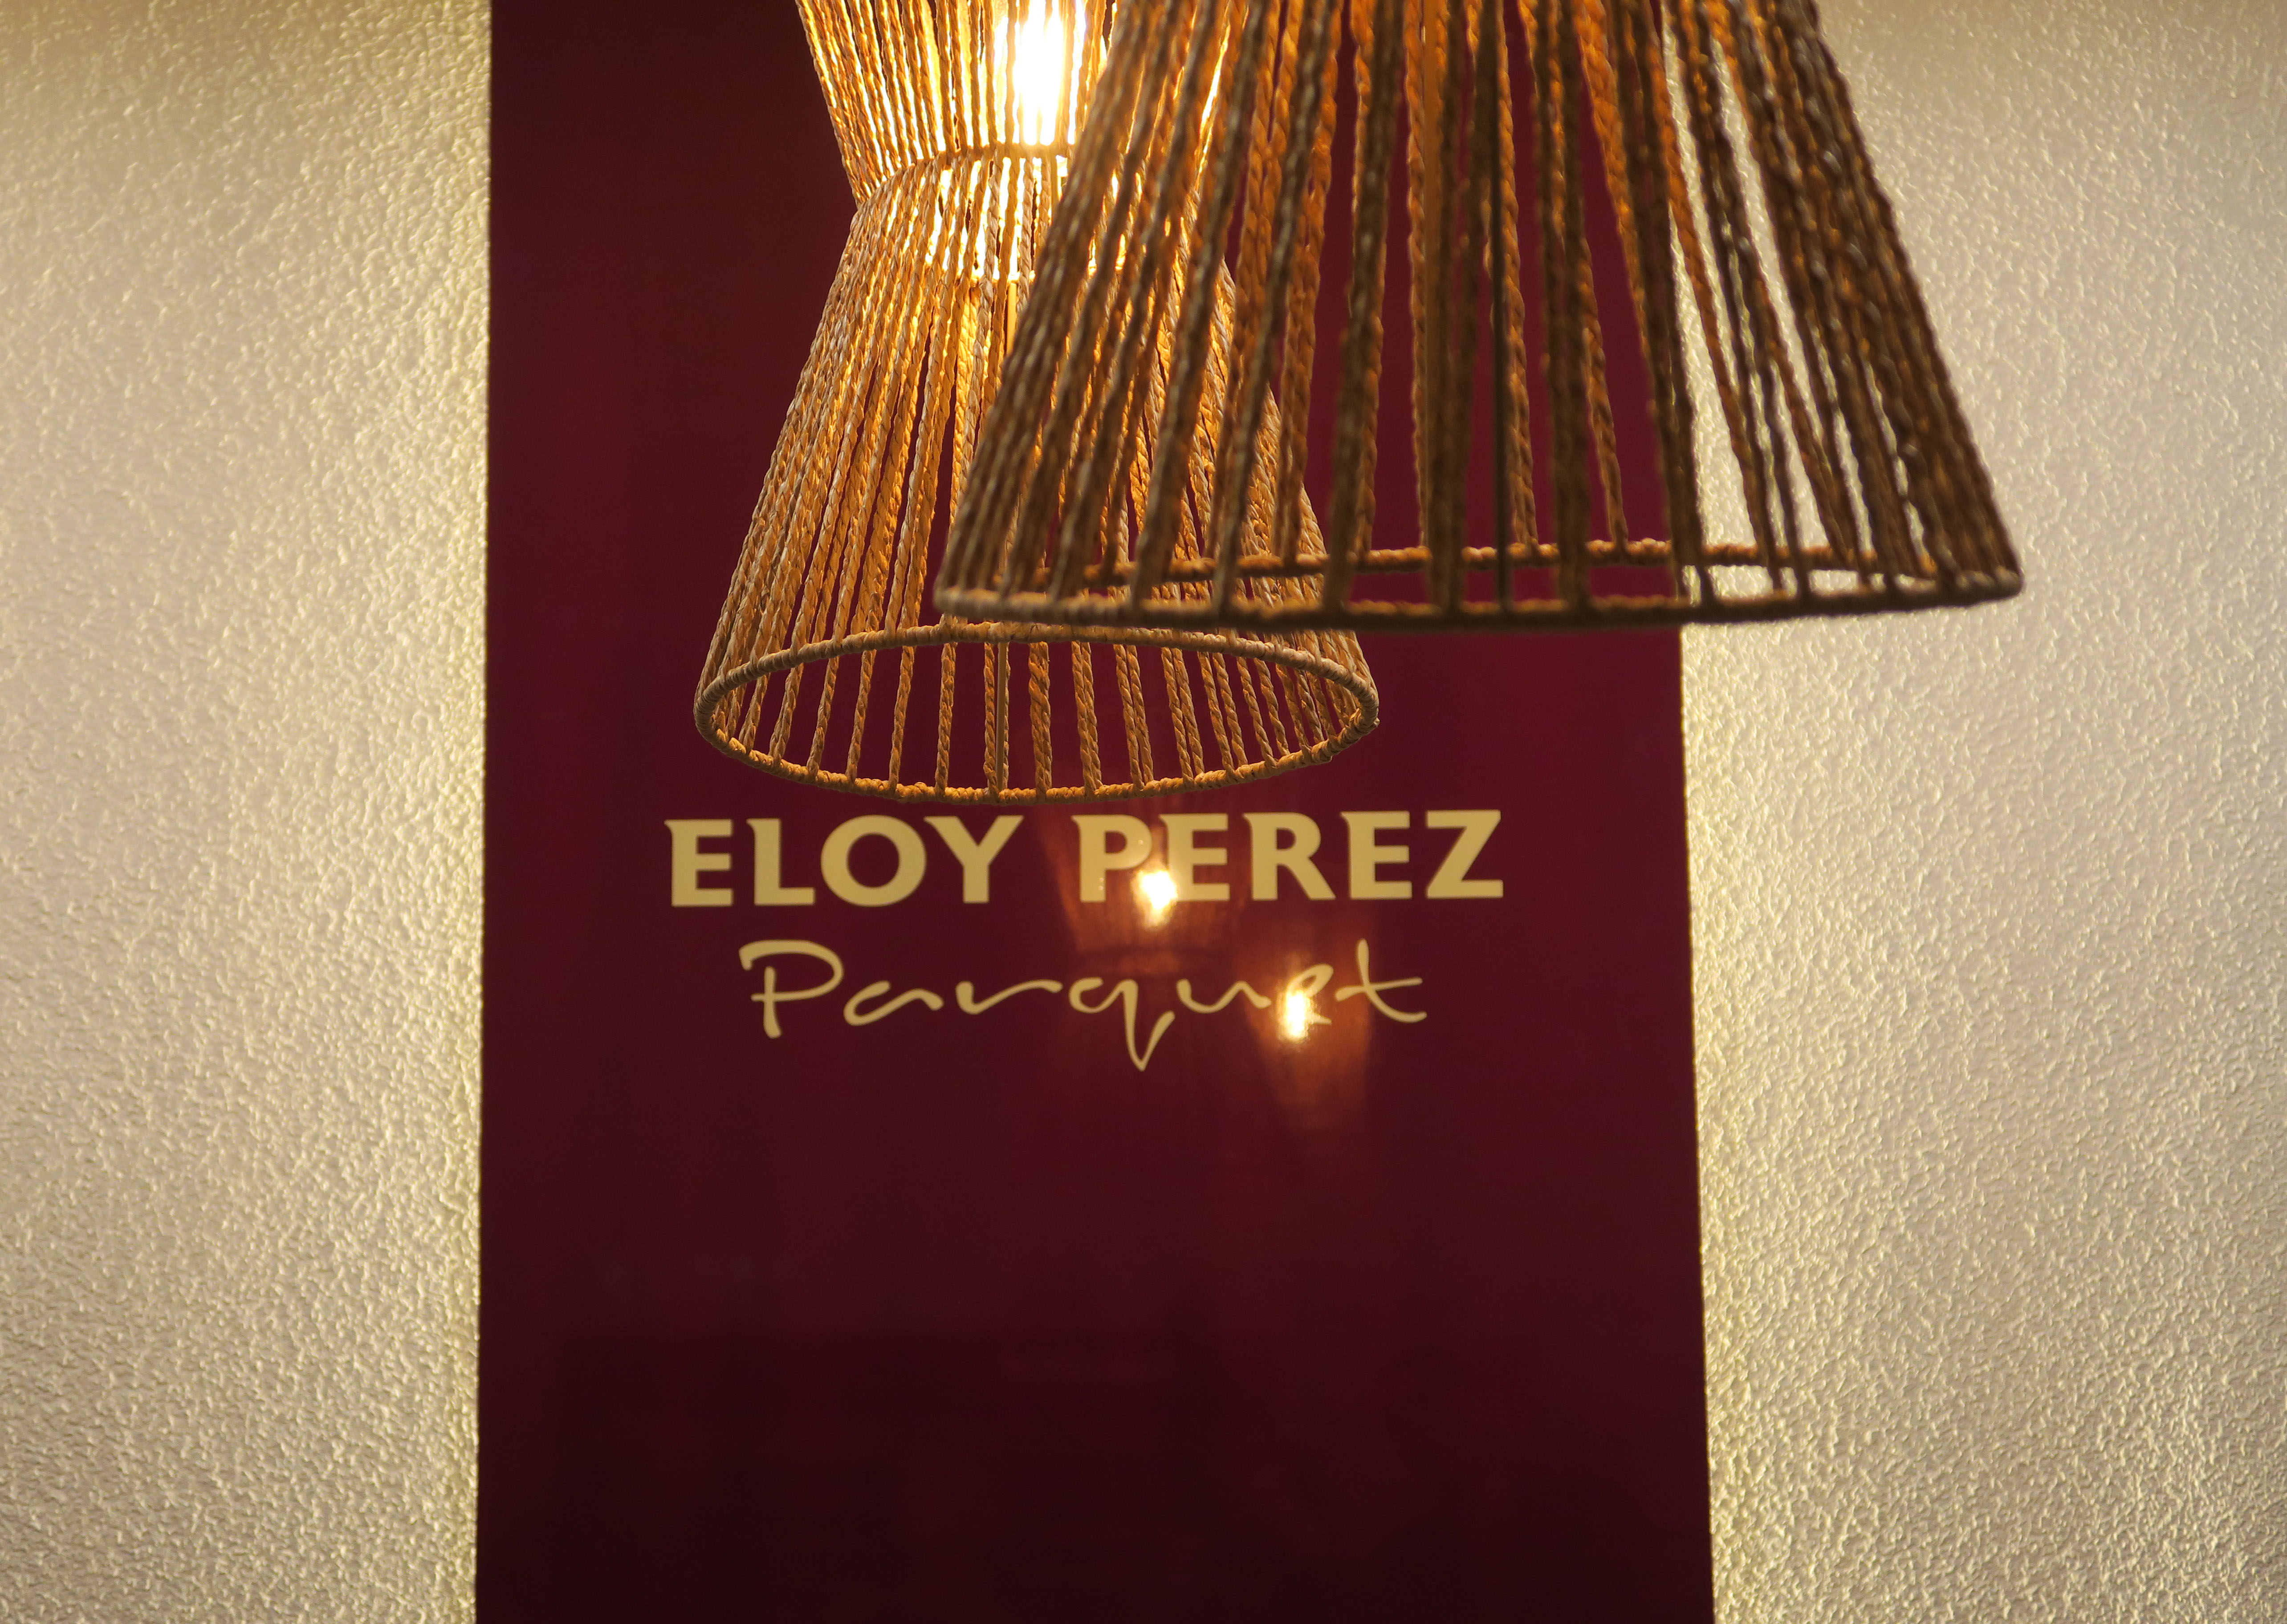 Eloy Perez